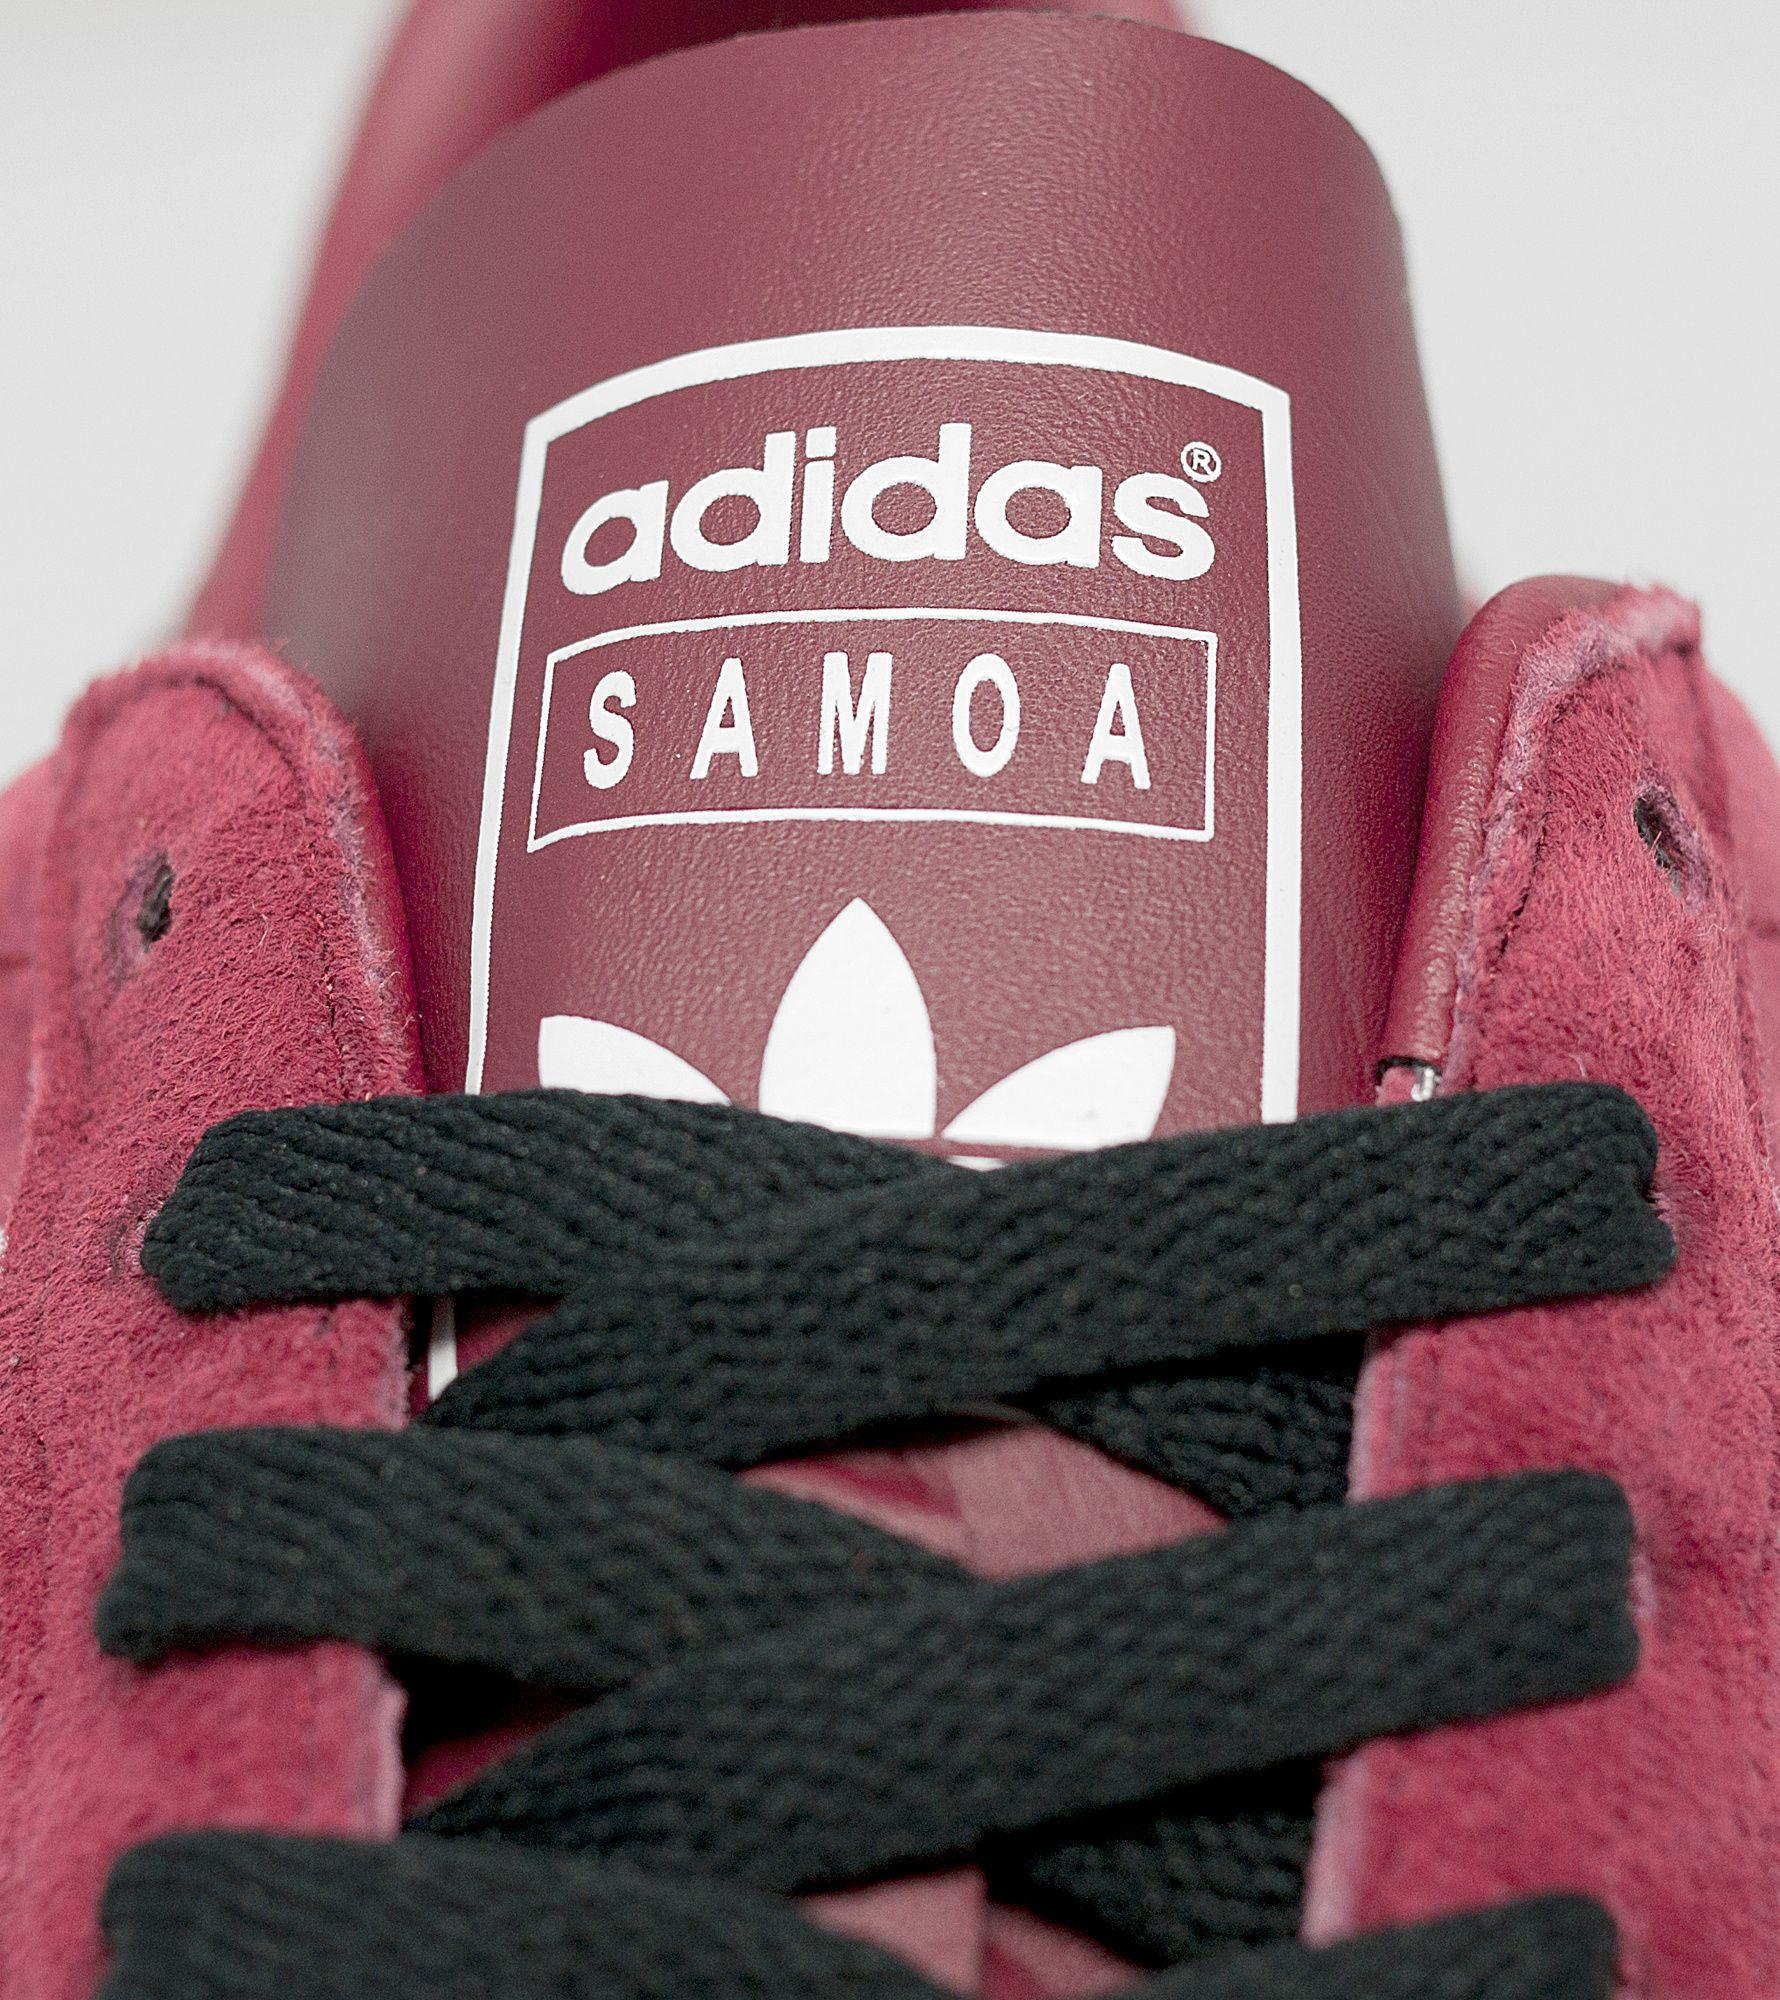 adidas Originals Samoa OG 'Island Series'